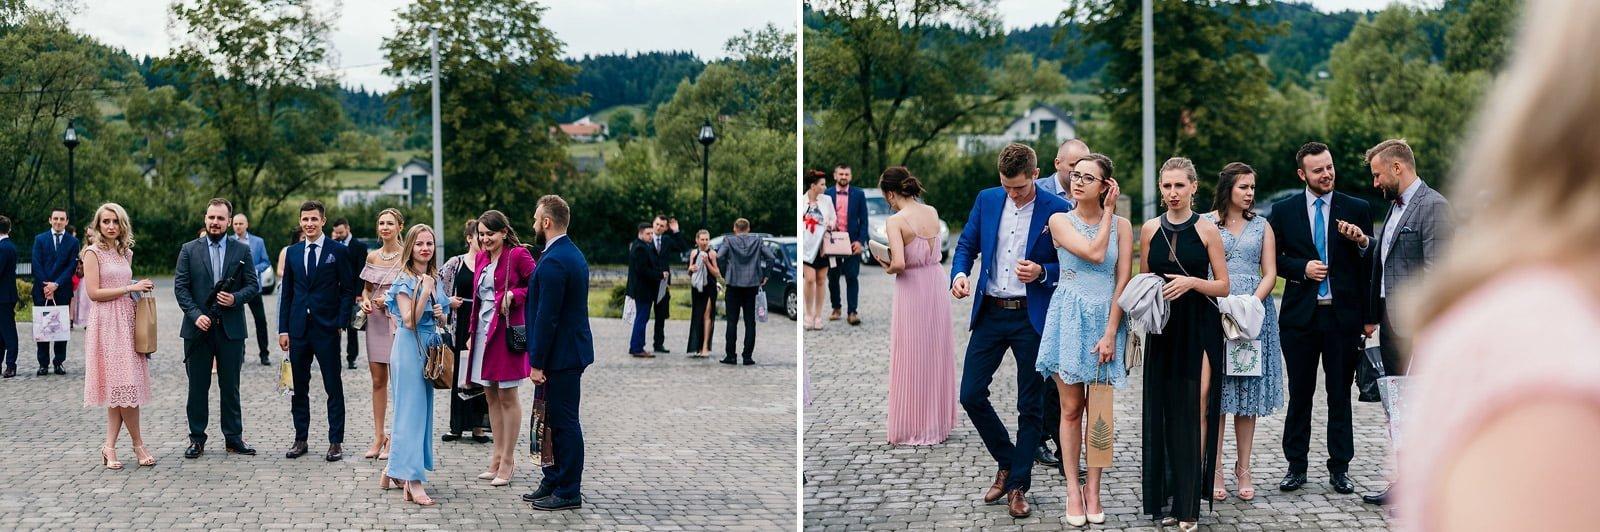 Gosia i Szymon. Fotografia ślubna Nowy Sącz 52